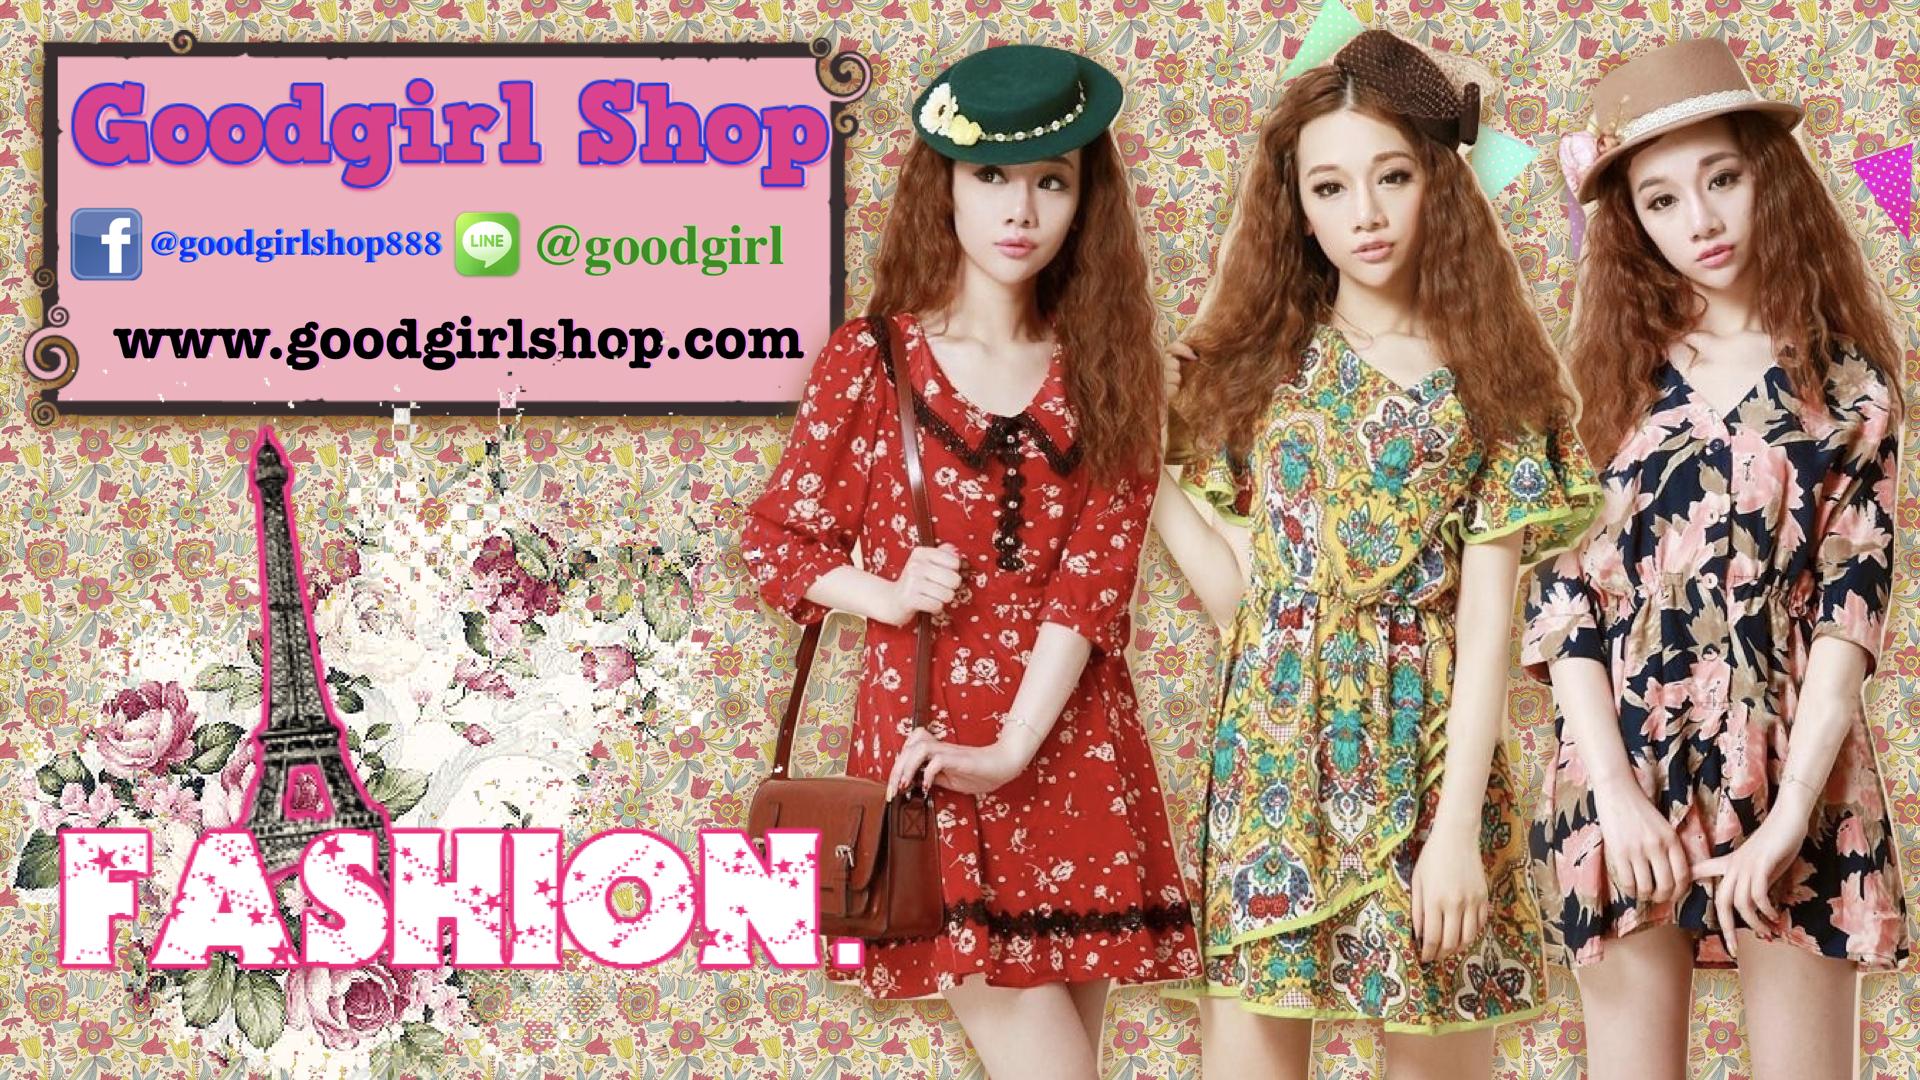 Goodgirl shop ขายเสื้อผ้าออนไลน์ แฟชั่นออนไลน์ ขายส่งเสื้อผ้าแฟชั่นออนไลน์ ปลีก/ส่ง ราคาถูกพร้อมส่ง